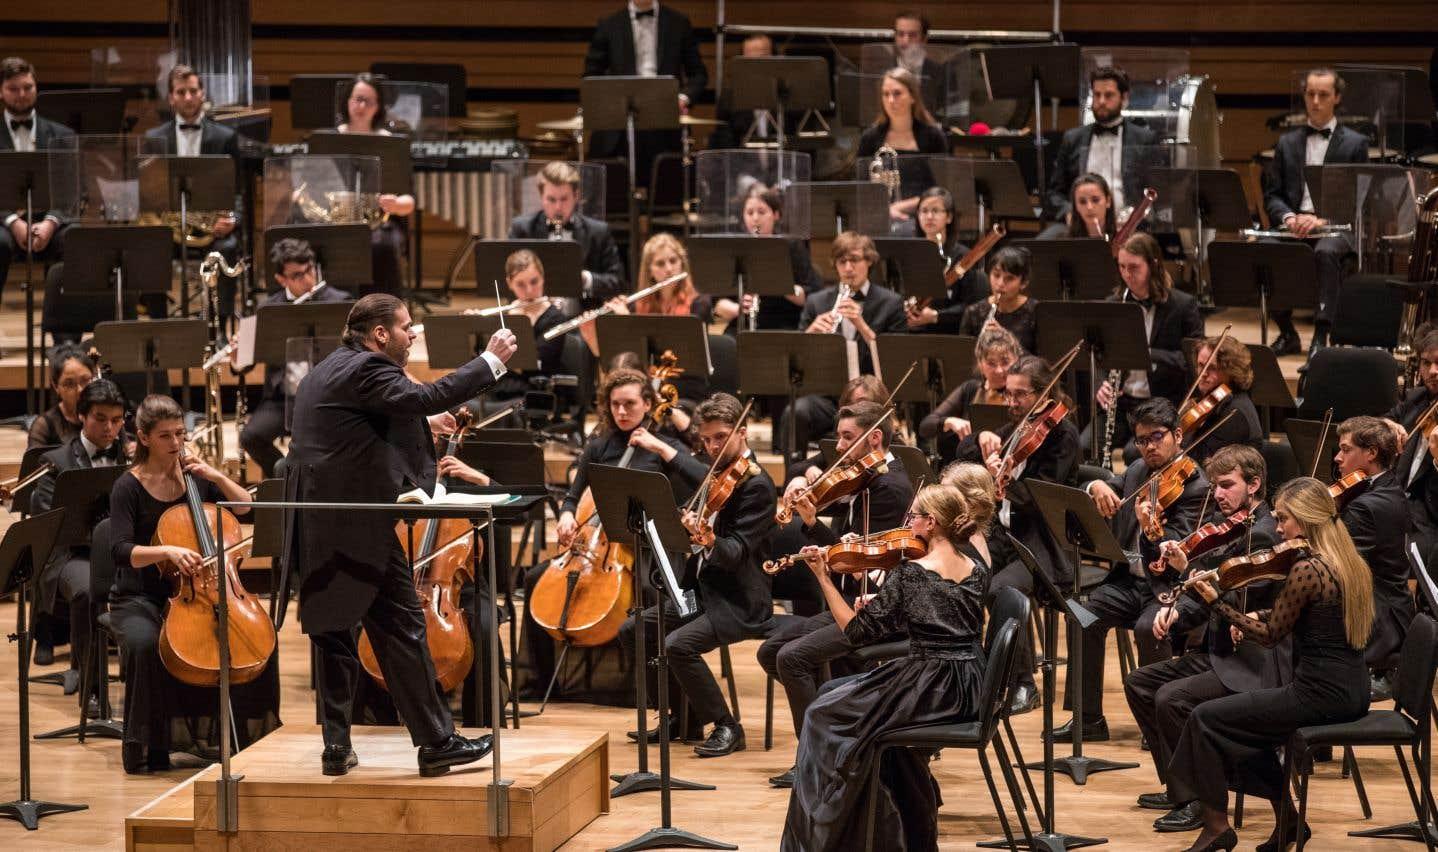 Lasuperbe interprétation de Jean-Marie Zeitouni et de l'orchestre du Conservatoire méritait une ovation debout.